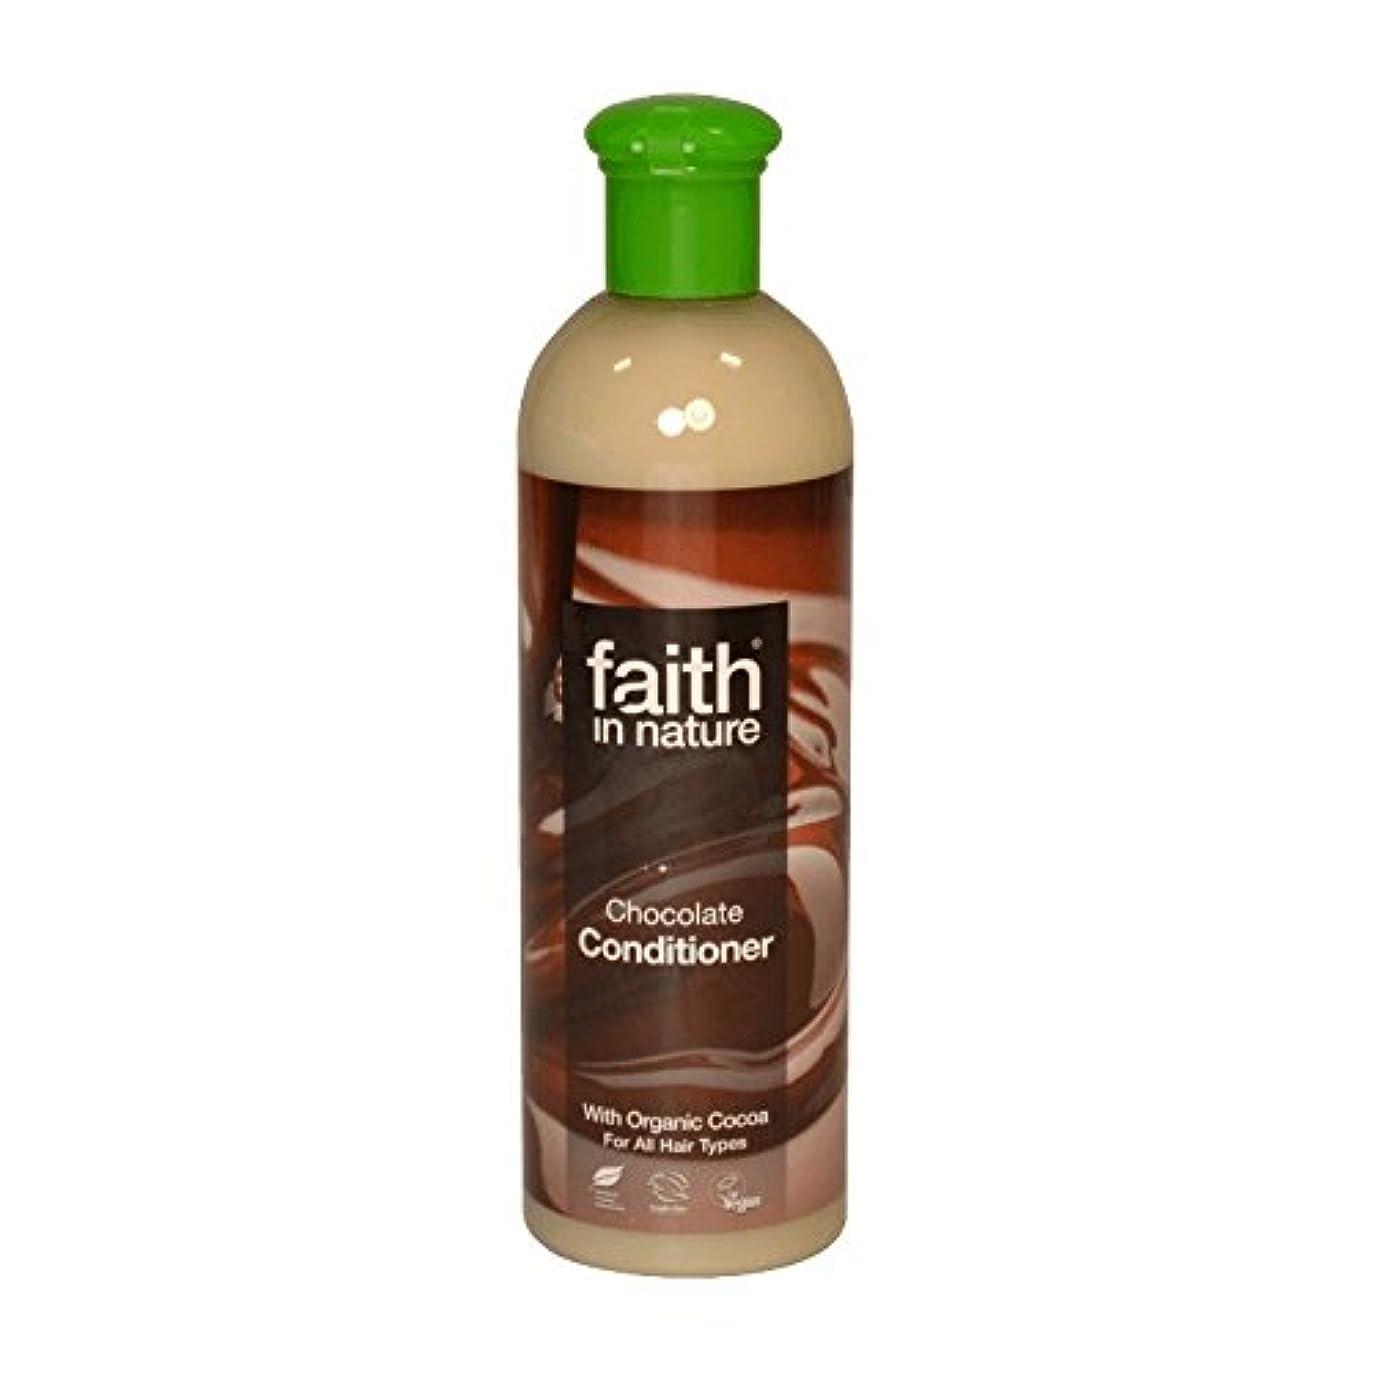 テレックスパイ怒ってFaith In Nature Chocolate Conditioner 400ml (Pack of 2) - 自然チョコレートコンディショナー400ミリリットルの信仰 (x2) [並行輸入品]